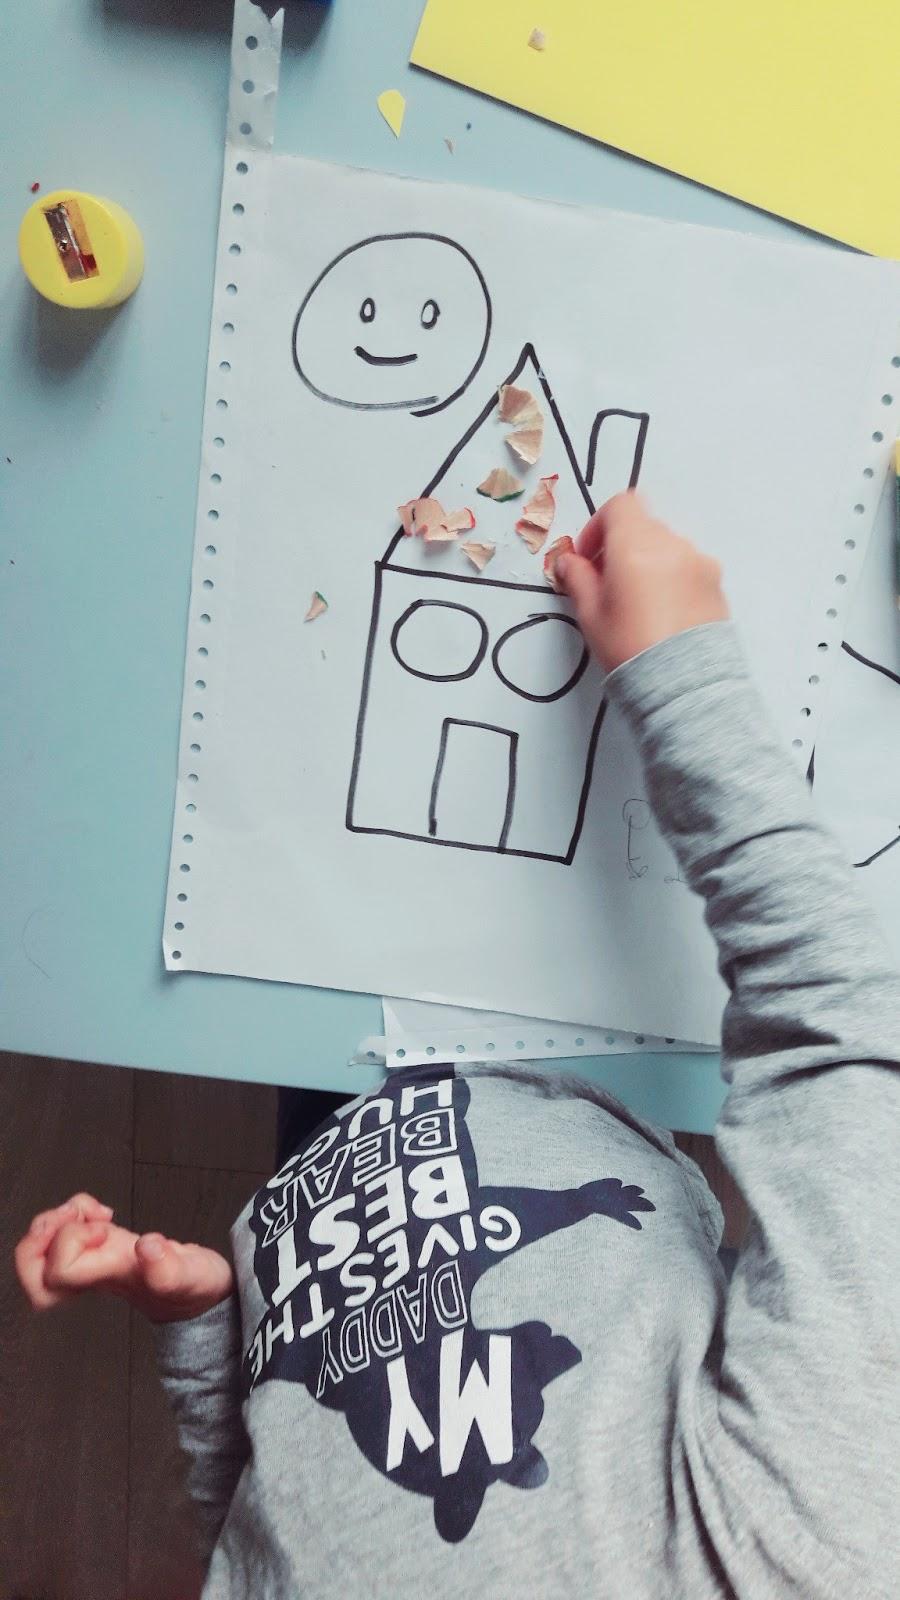 domek - tworzymy kreatywny domek z sznurka, farby i wiórki kredek, zabawa , kreatywnie